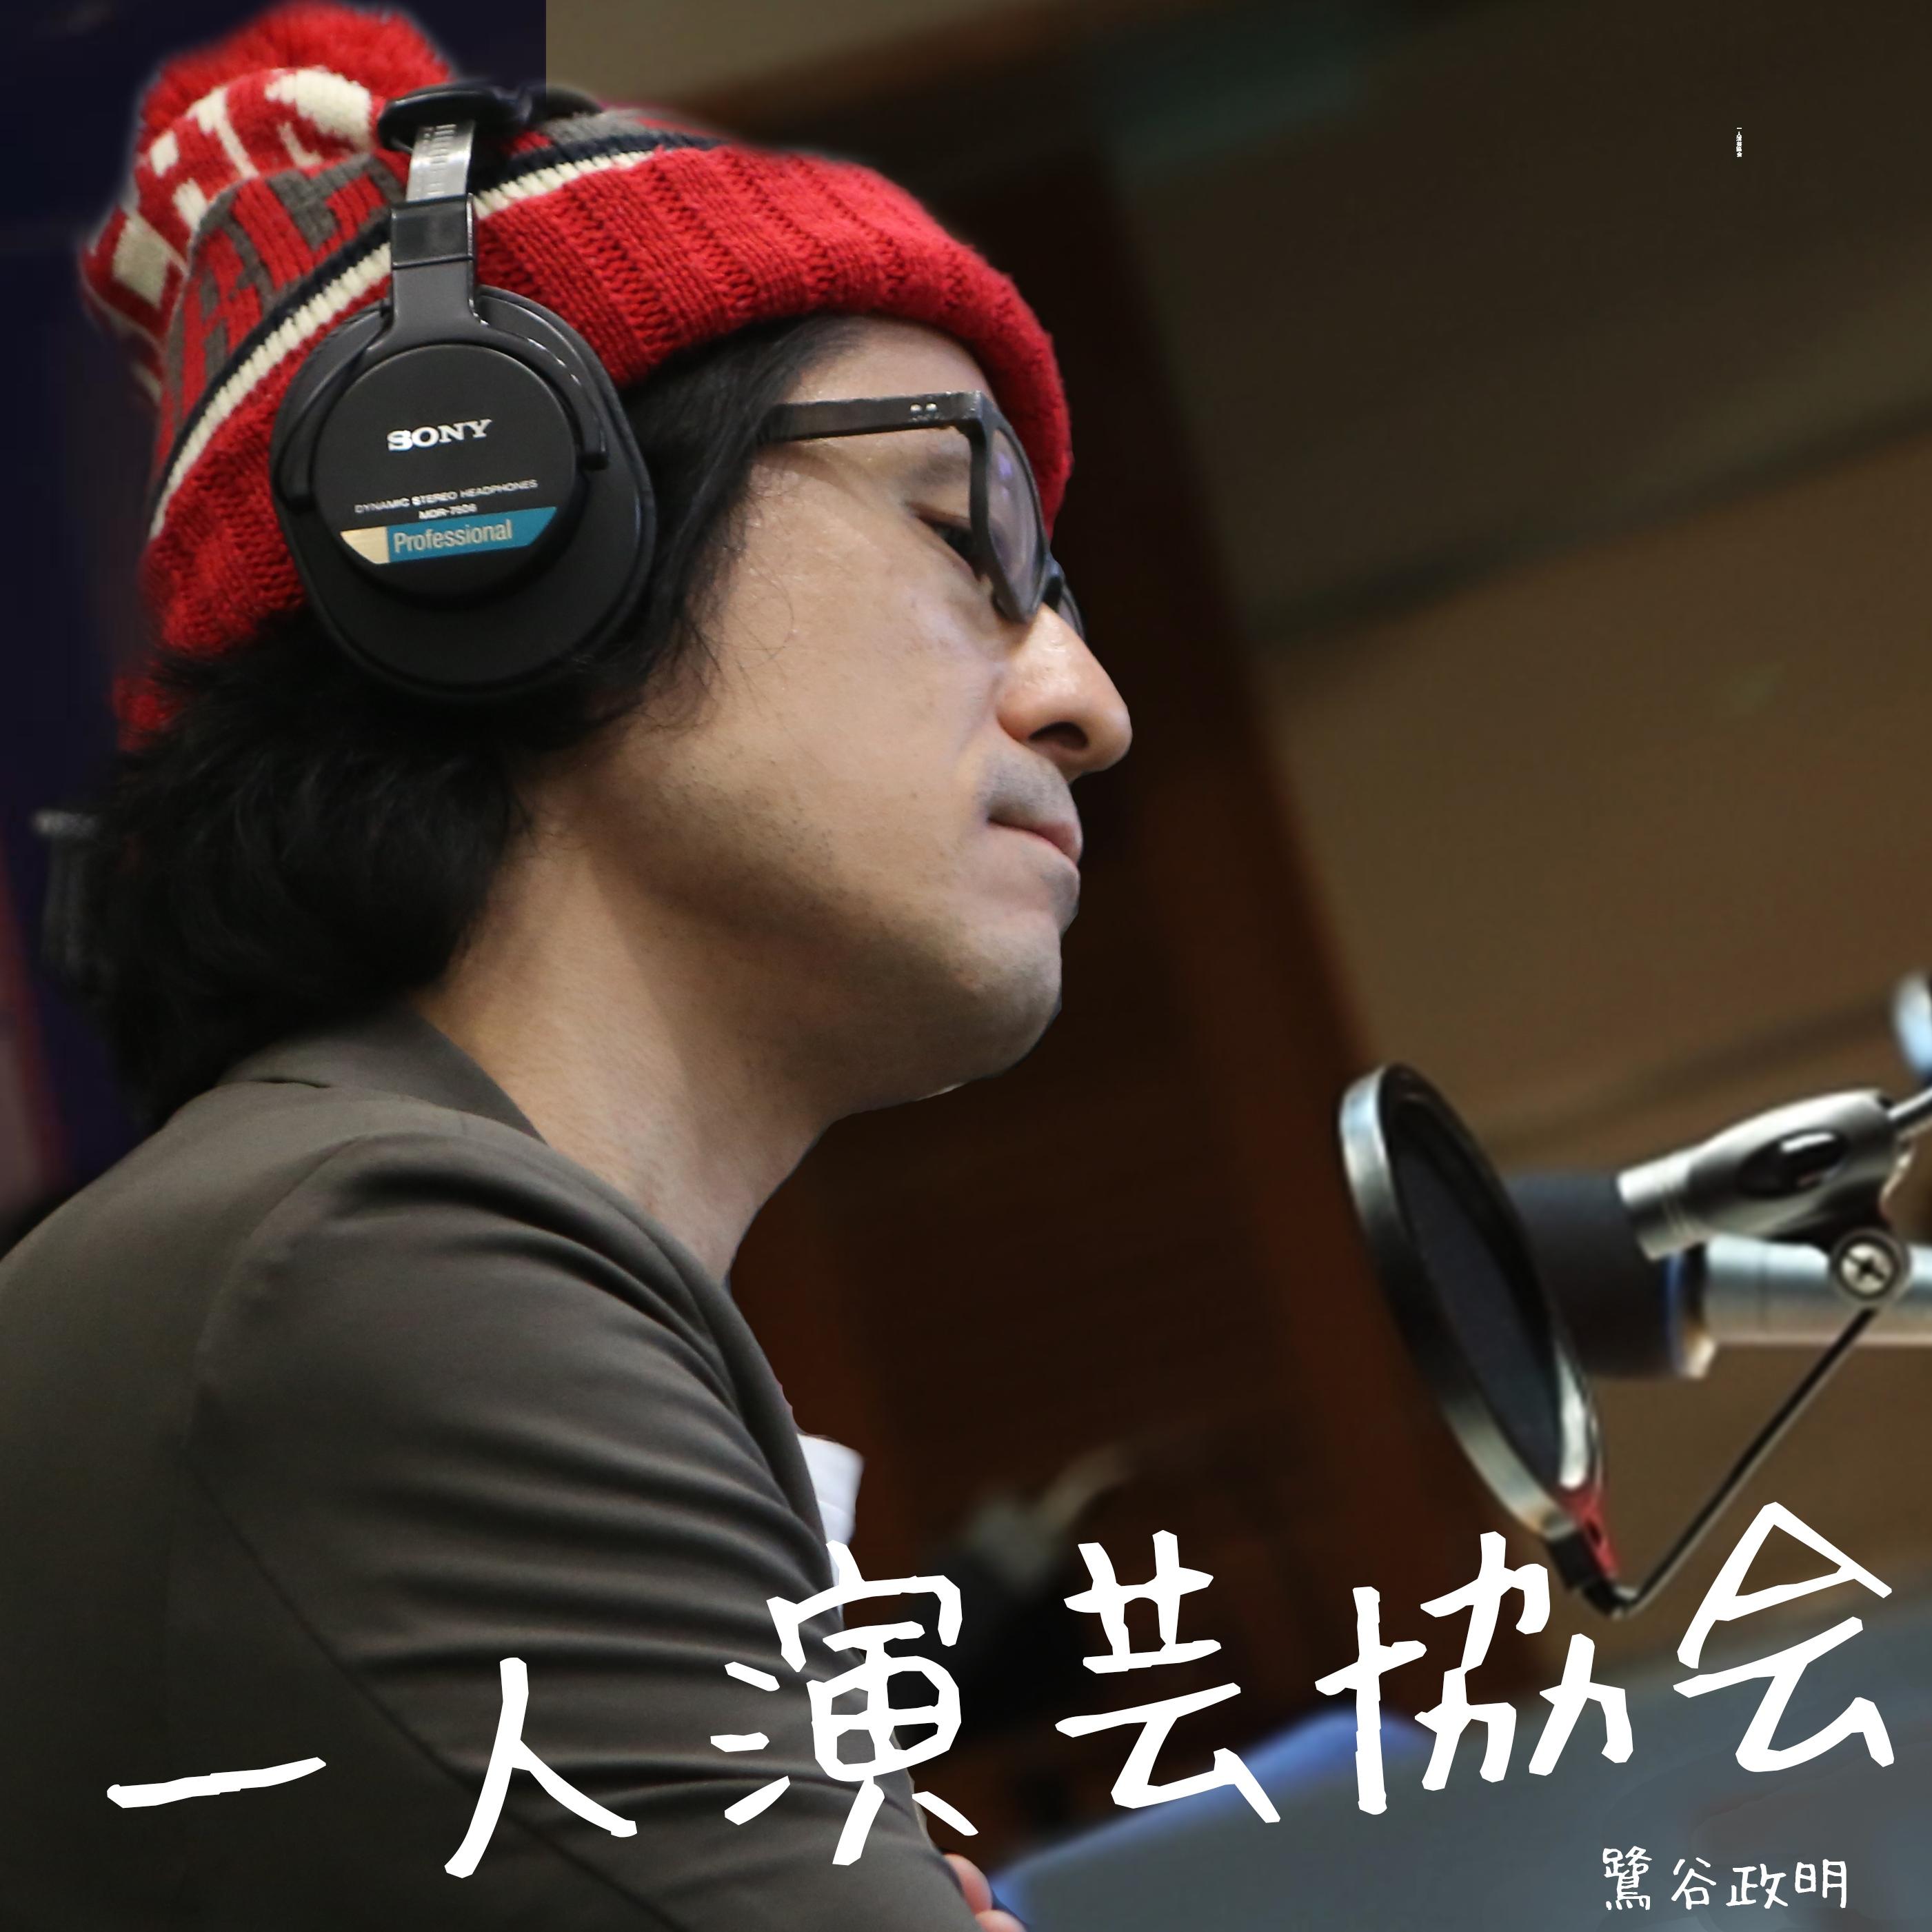 『グランメゾン東京』はここ15年で一番の木村拓哉ヒット作 #2